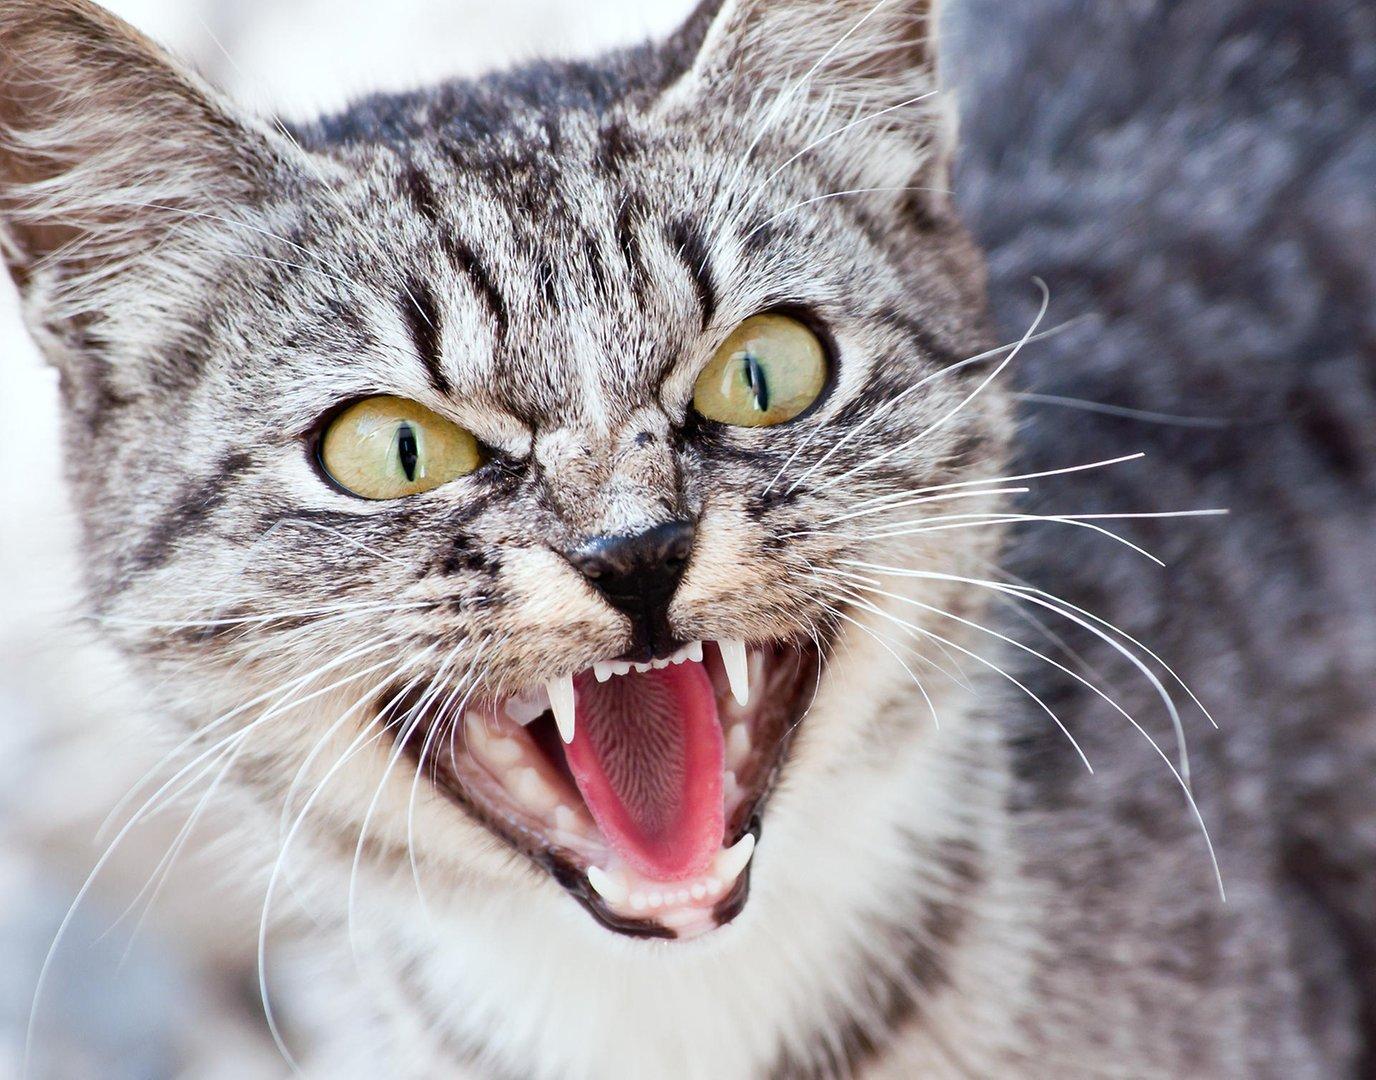 злые животные фото всего без поводкано